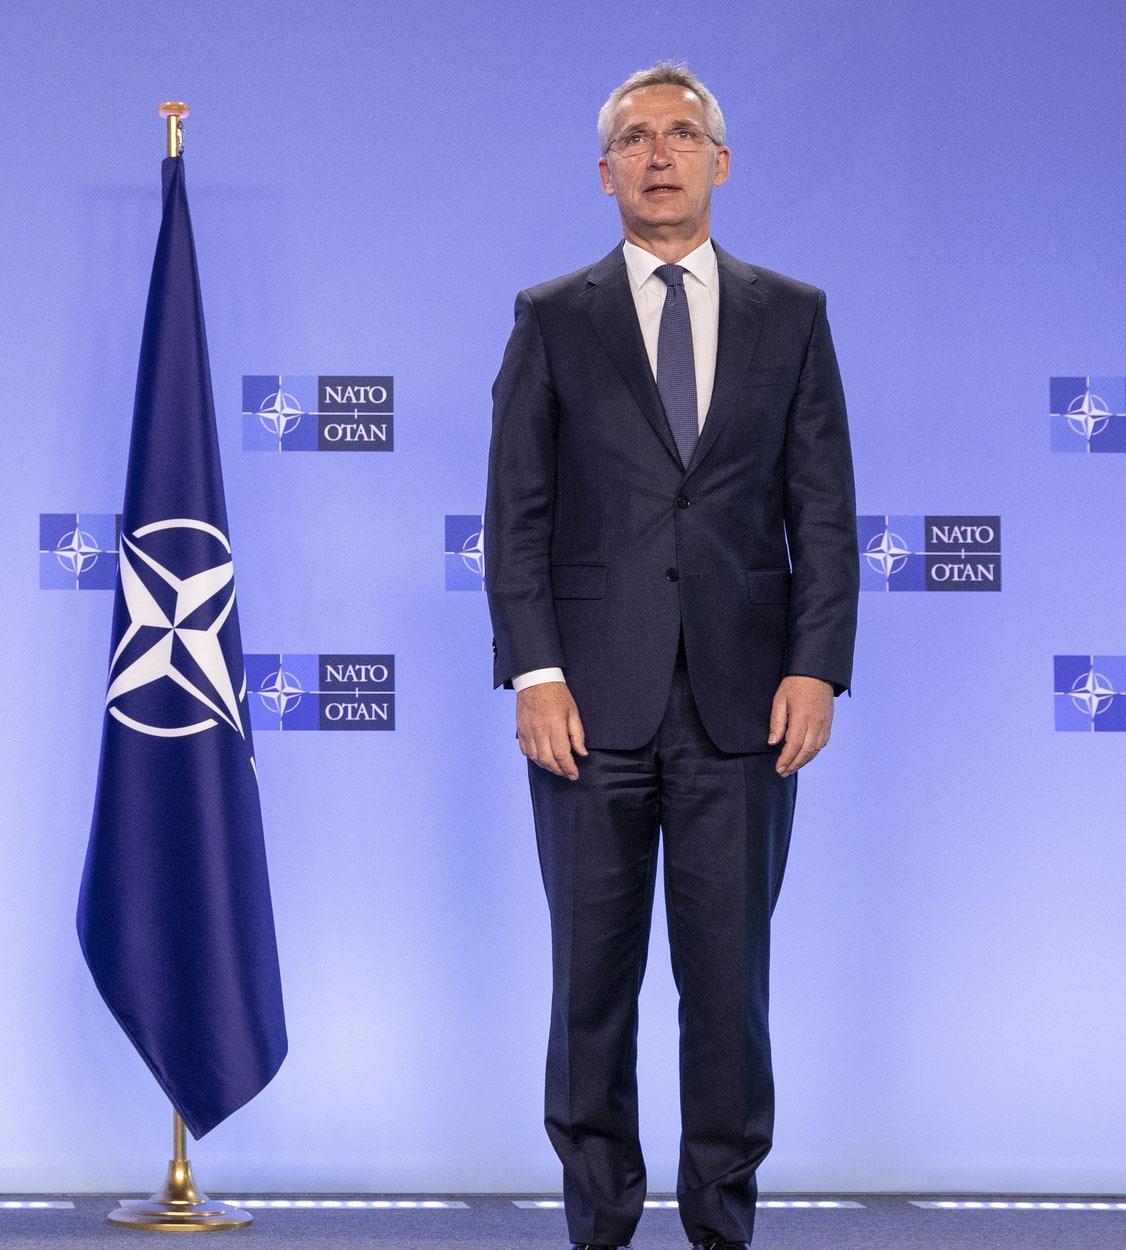 Генеральному секретарю НАТО Йенсу Столтенбергу американские коллеги поручили разработать новую стратегию для НАТО.